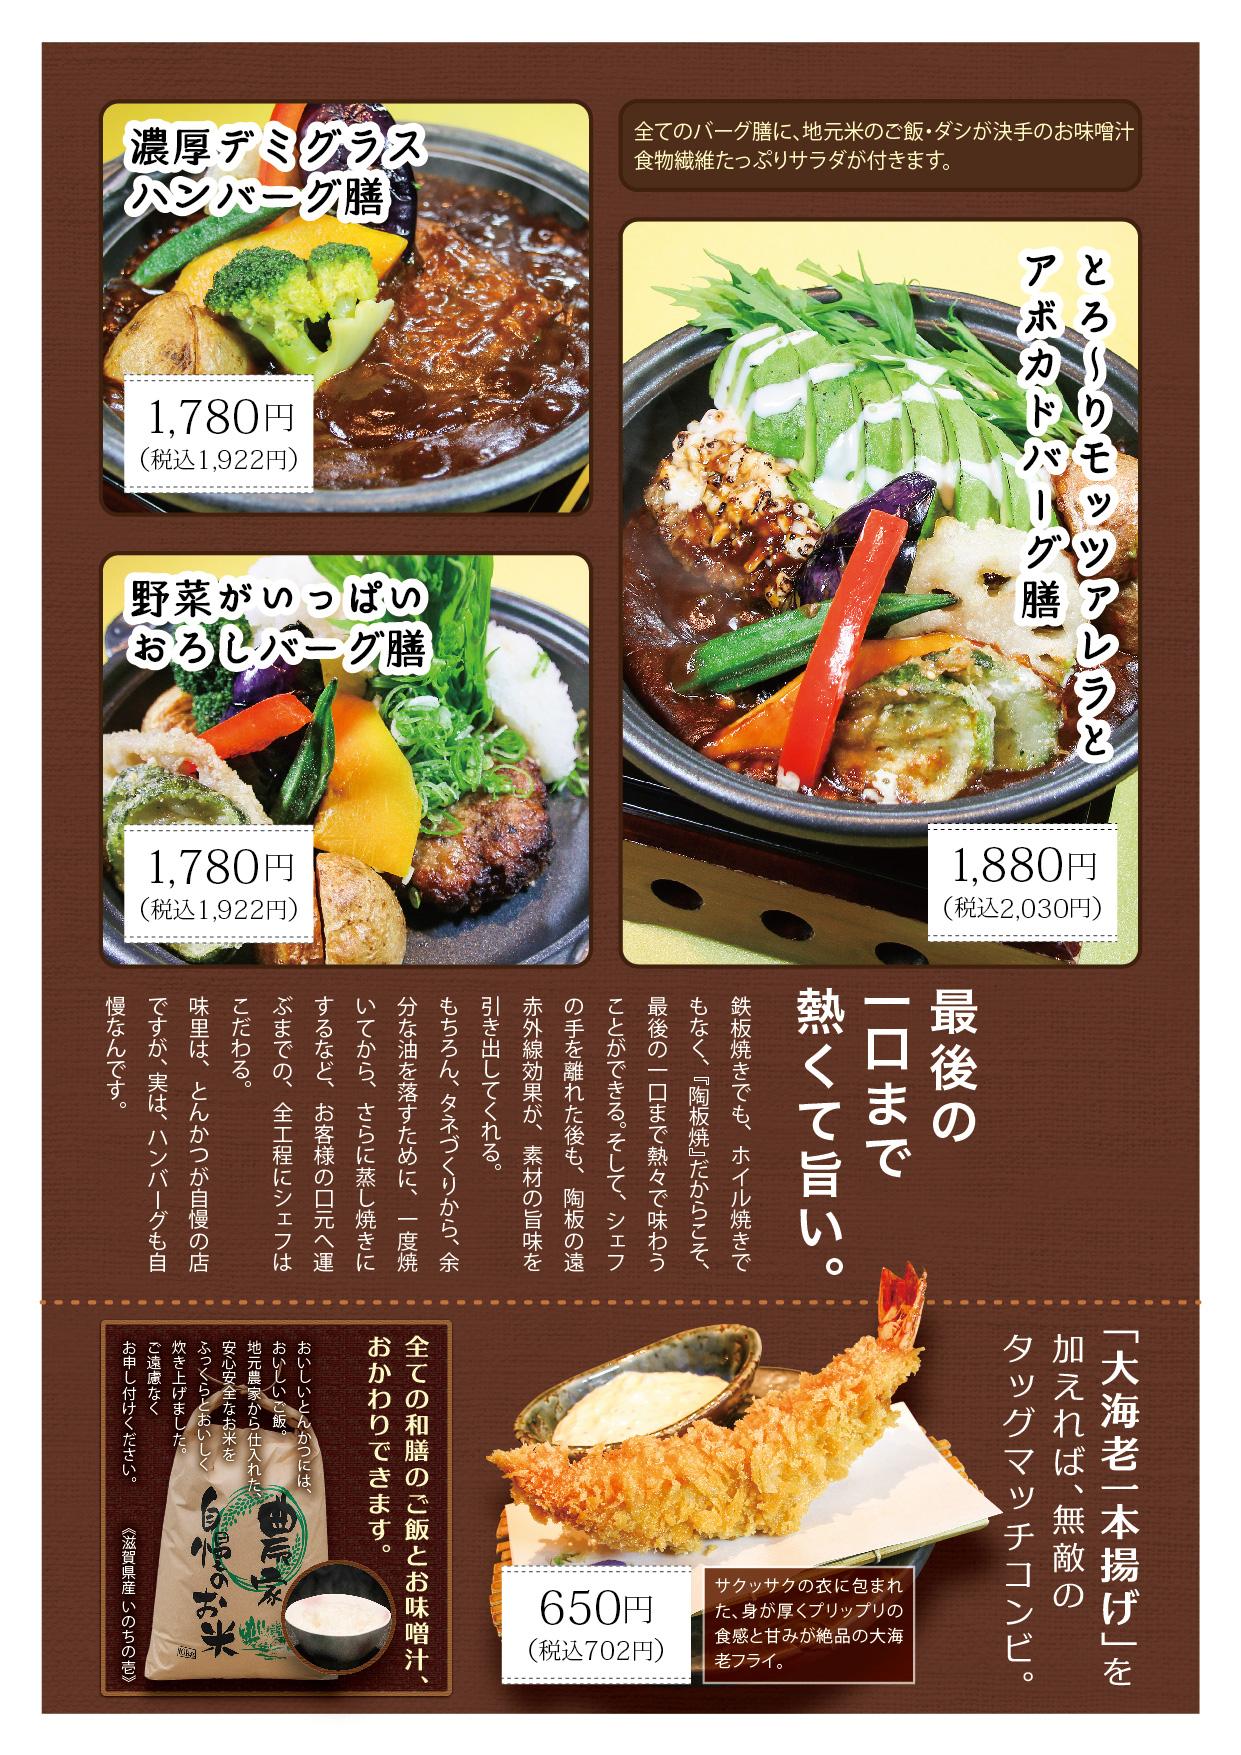 とんかつ味里 飲食店ディナーメニューデザイン08